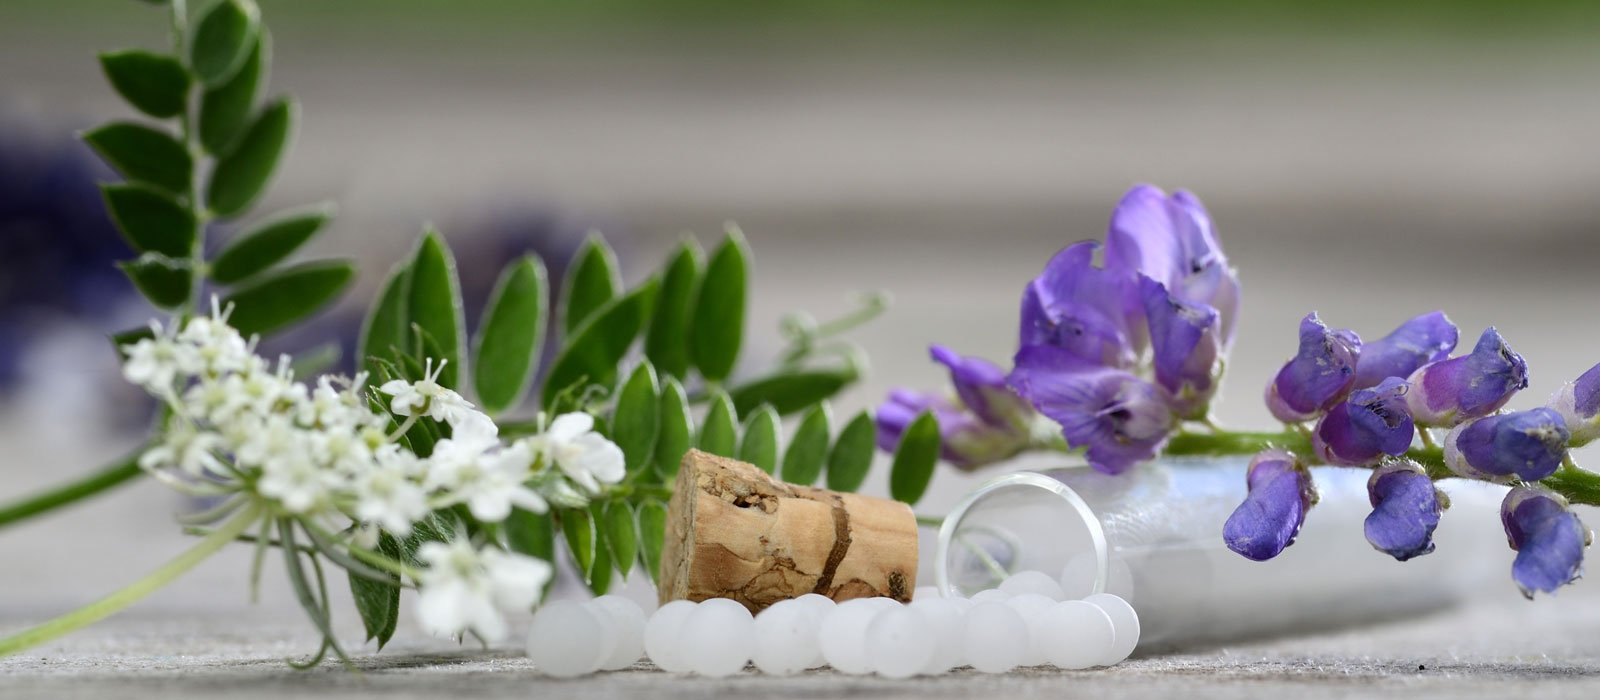 Symbolfoto zeigt Globuli mit Lavendel